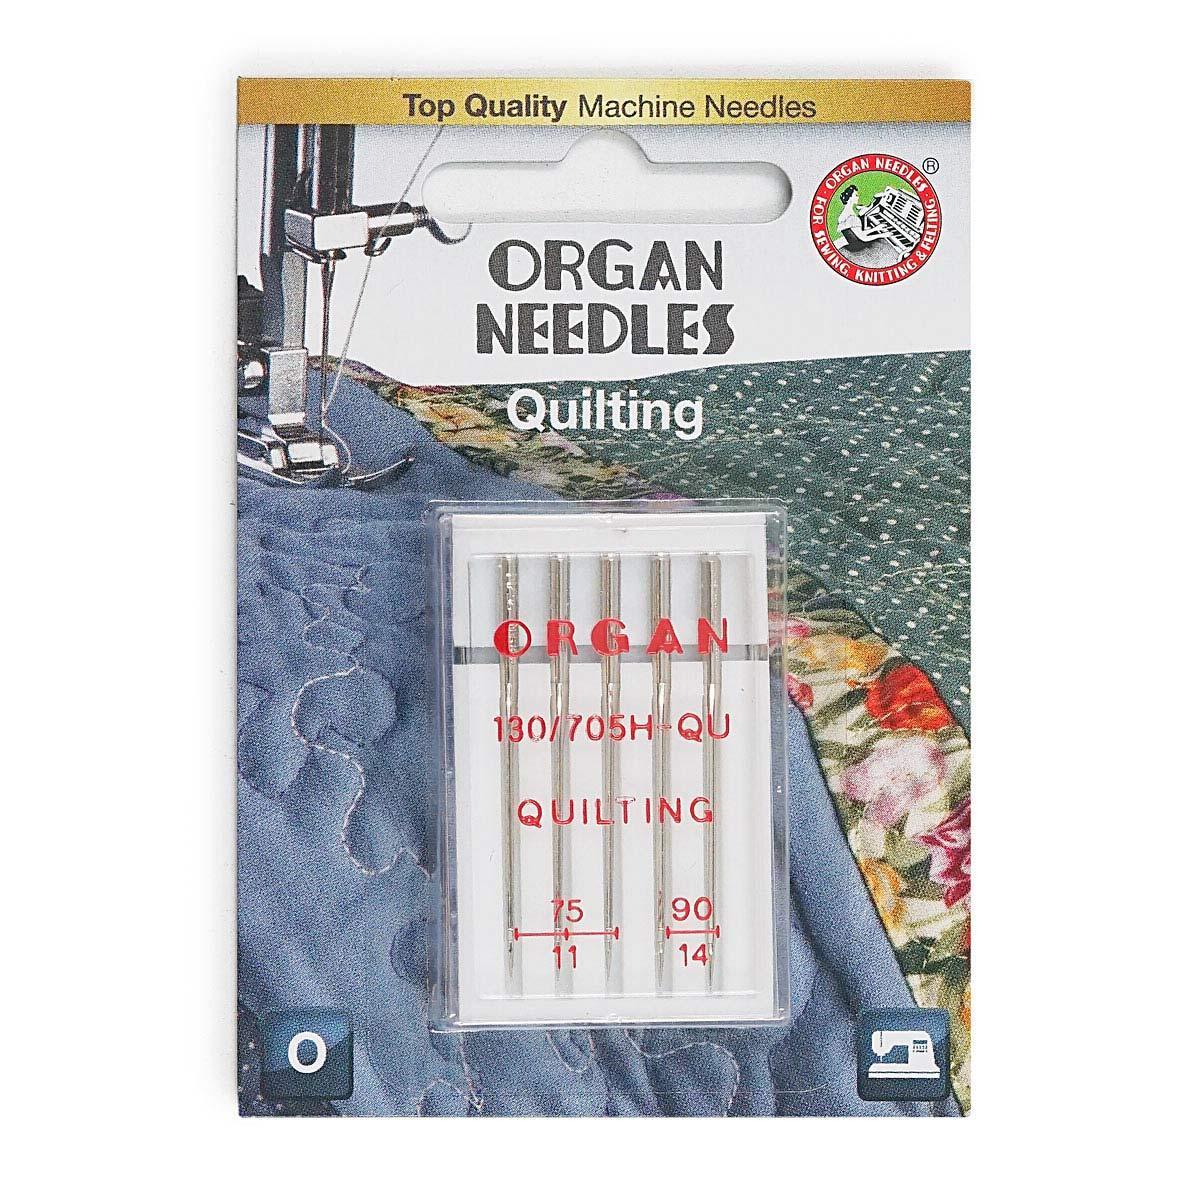 ORGAN иглы квилтинг 5/75-90 Blister